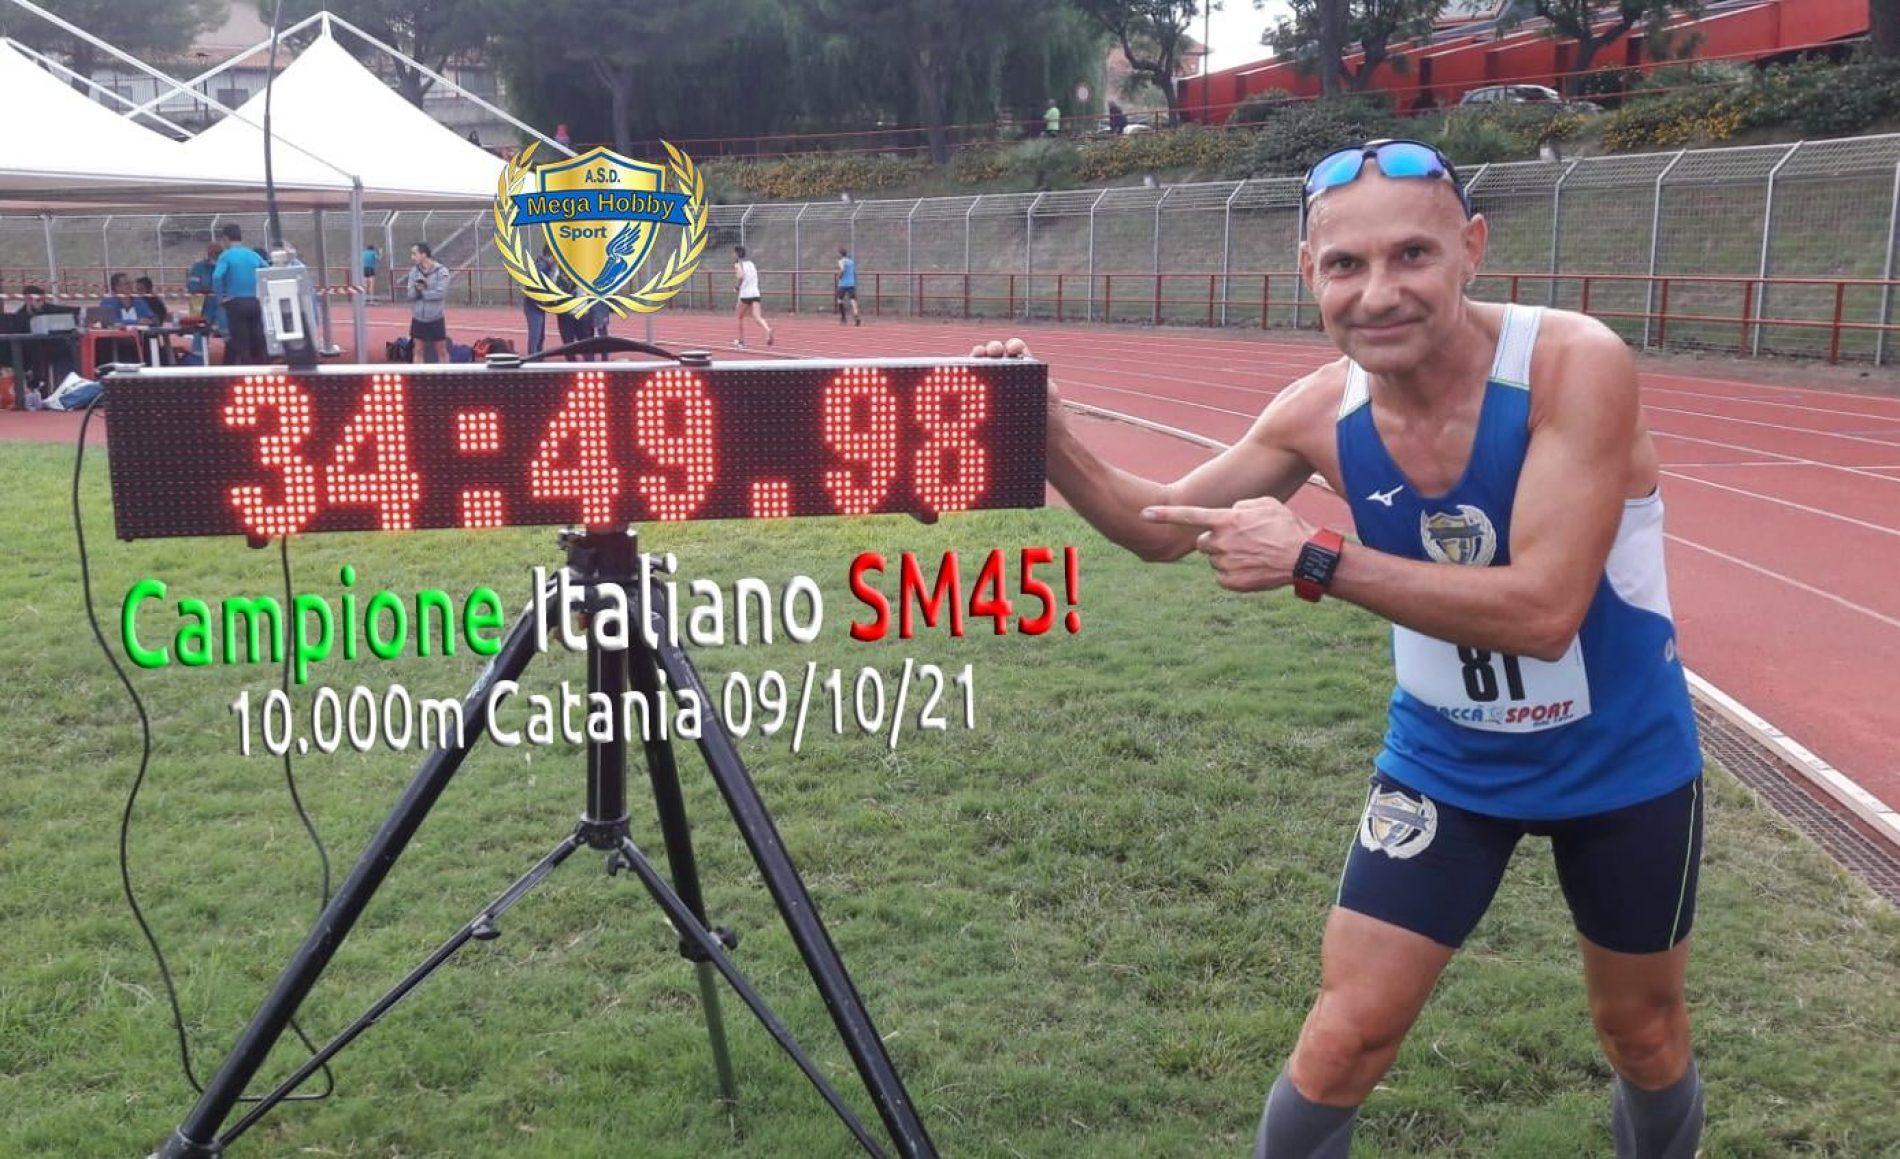 Barrafranca. Titolo italiano SM45, Salvatore Geraci batte tutti.